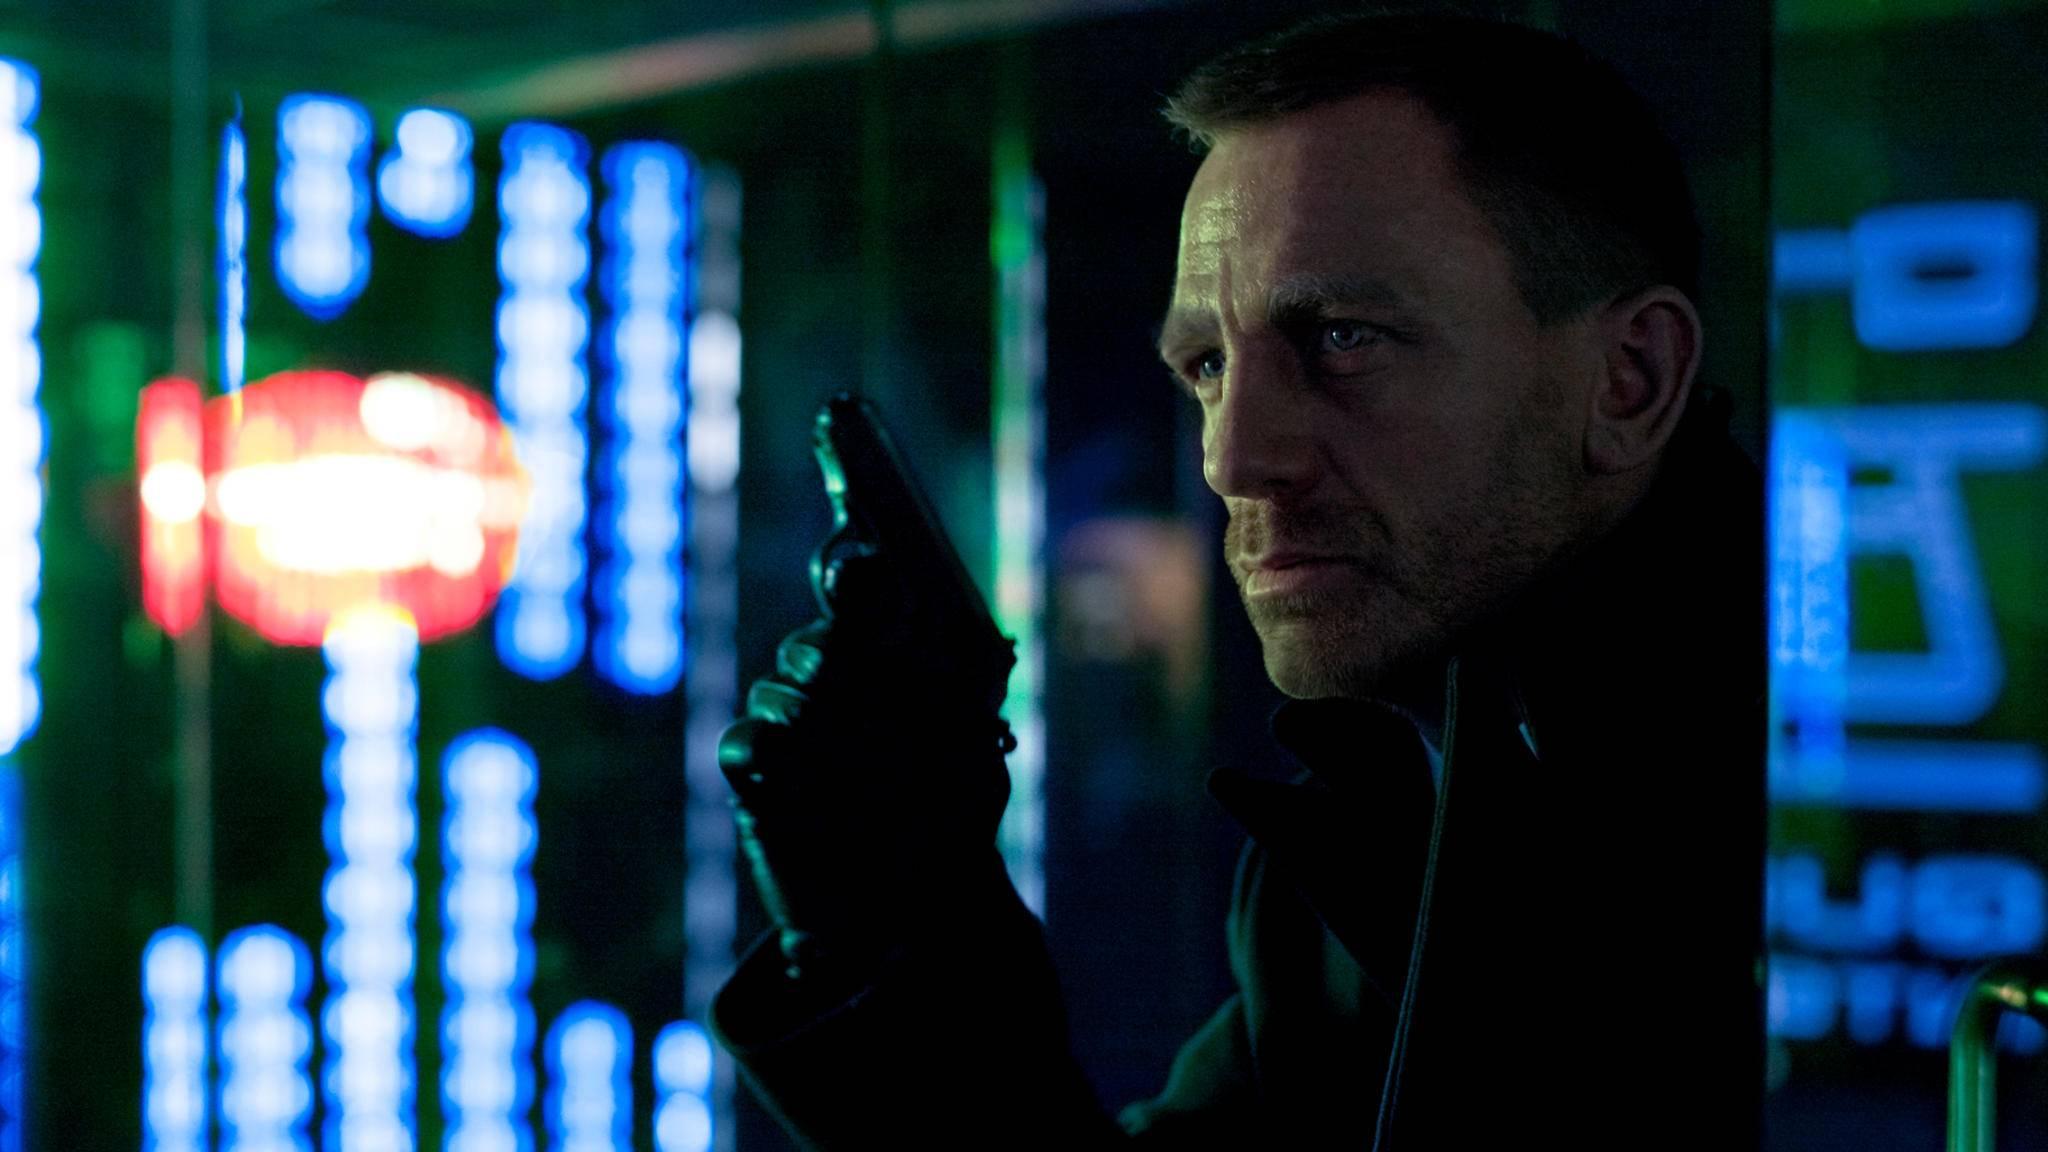 Kommt er in friedlicher Absicht? 007-Darsteller Daniel Craig besucht die CIA.